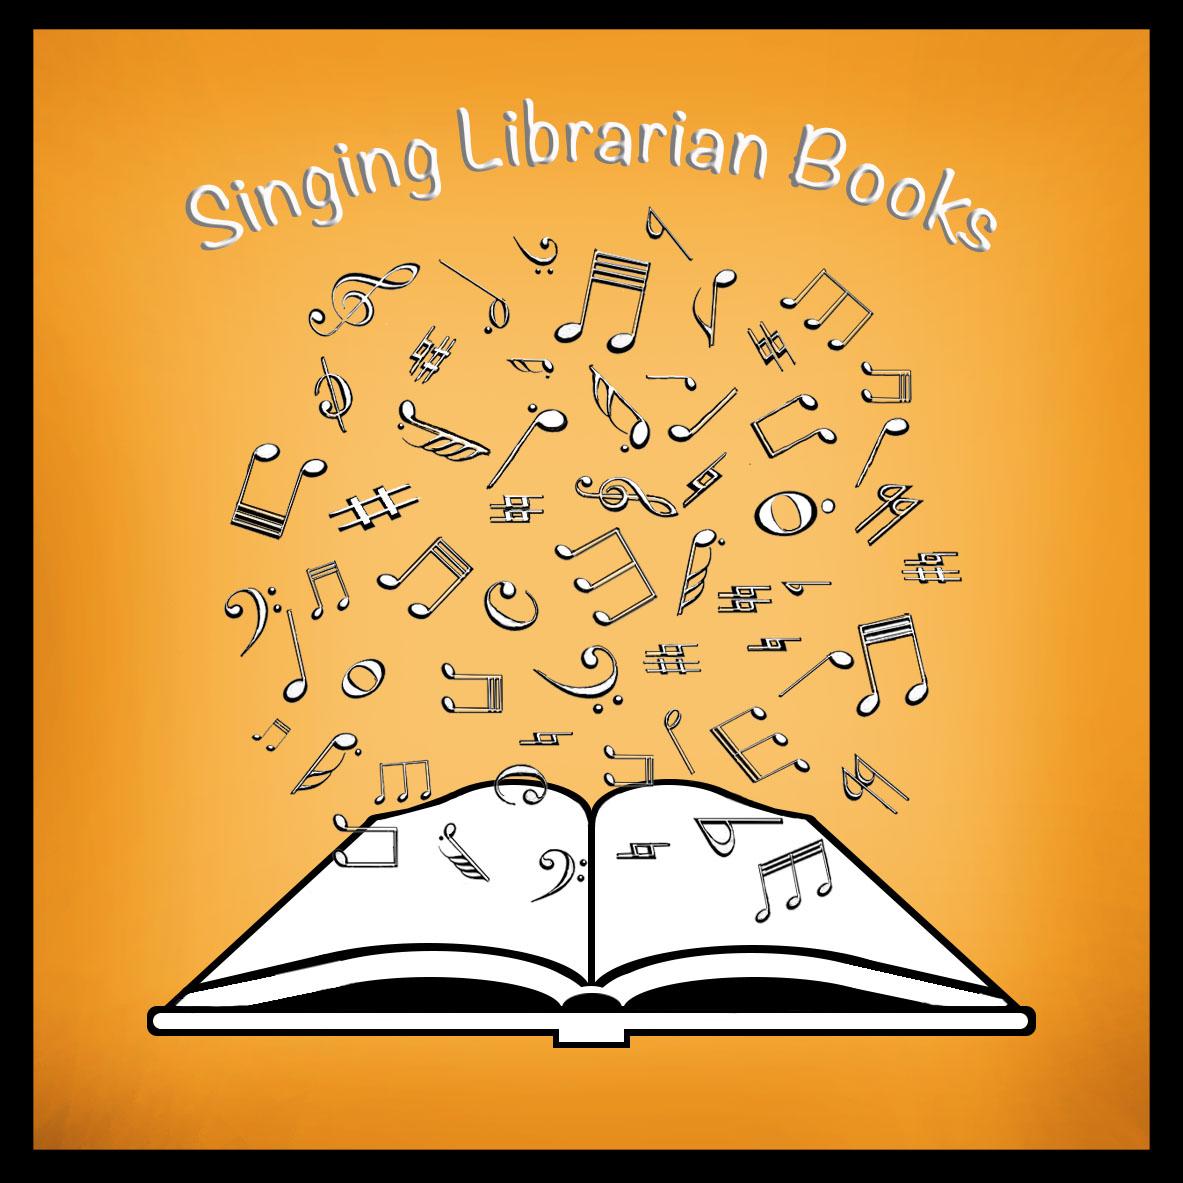 Singing Librarian Books